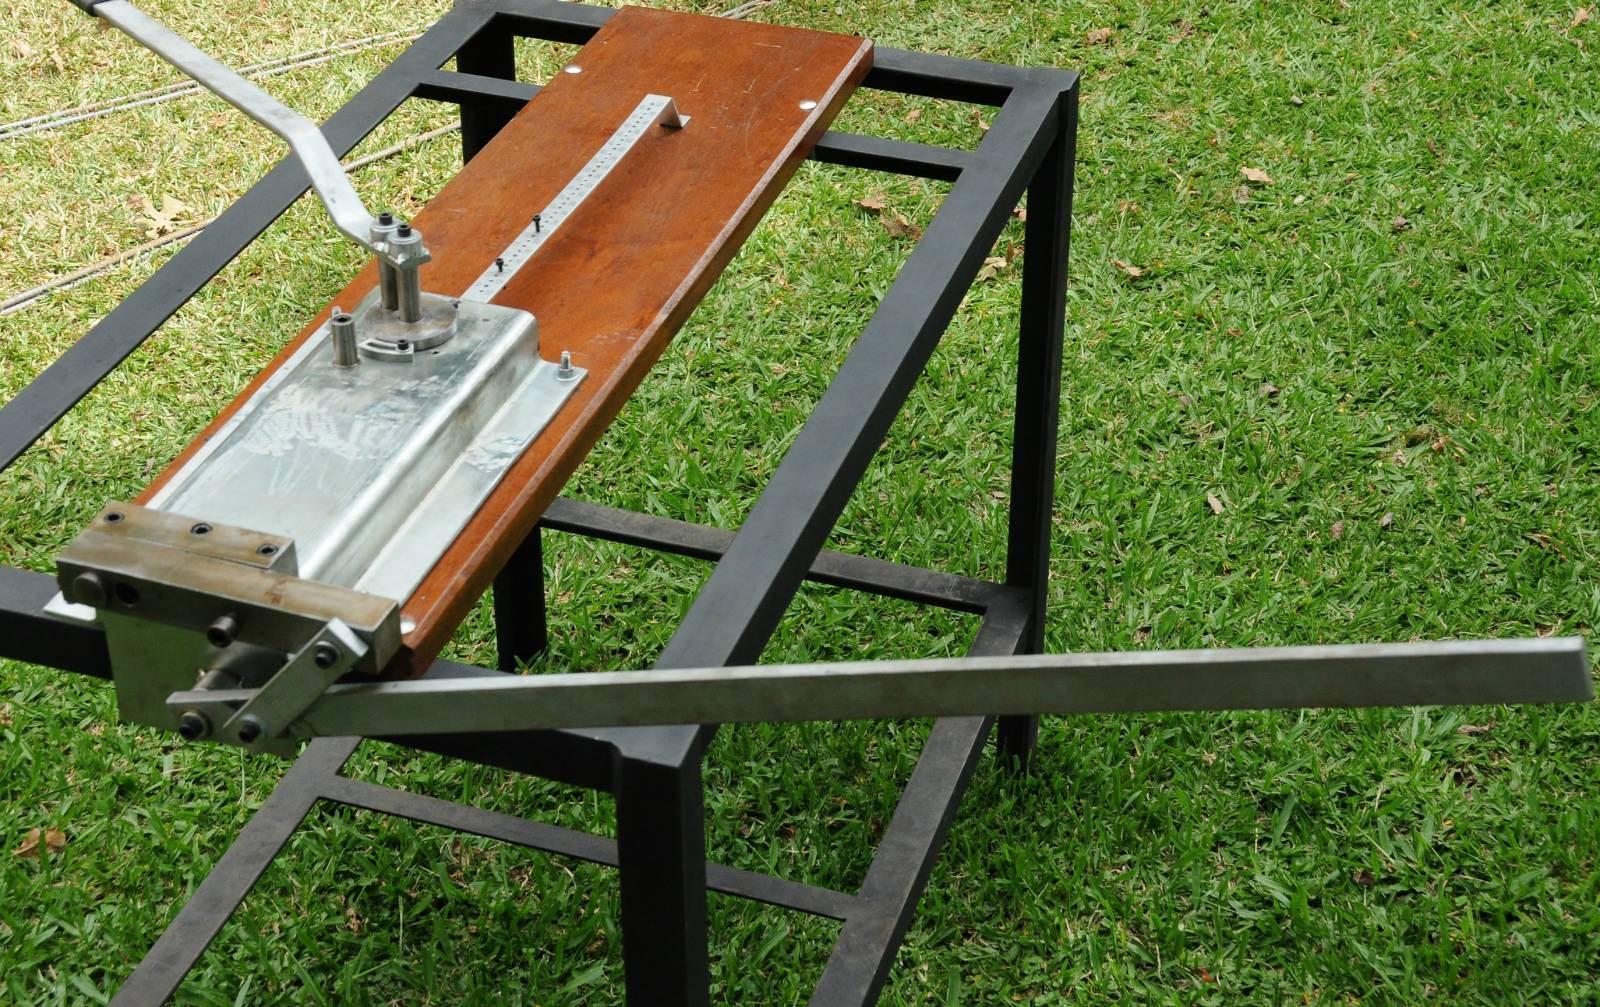 Máquina de fazer estribo multidobras Dobra e corta até 6 estribos de 1 vez